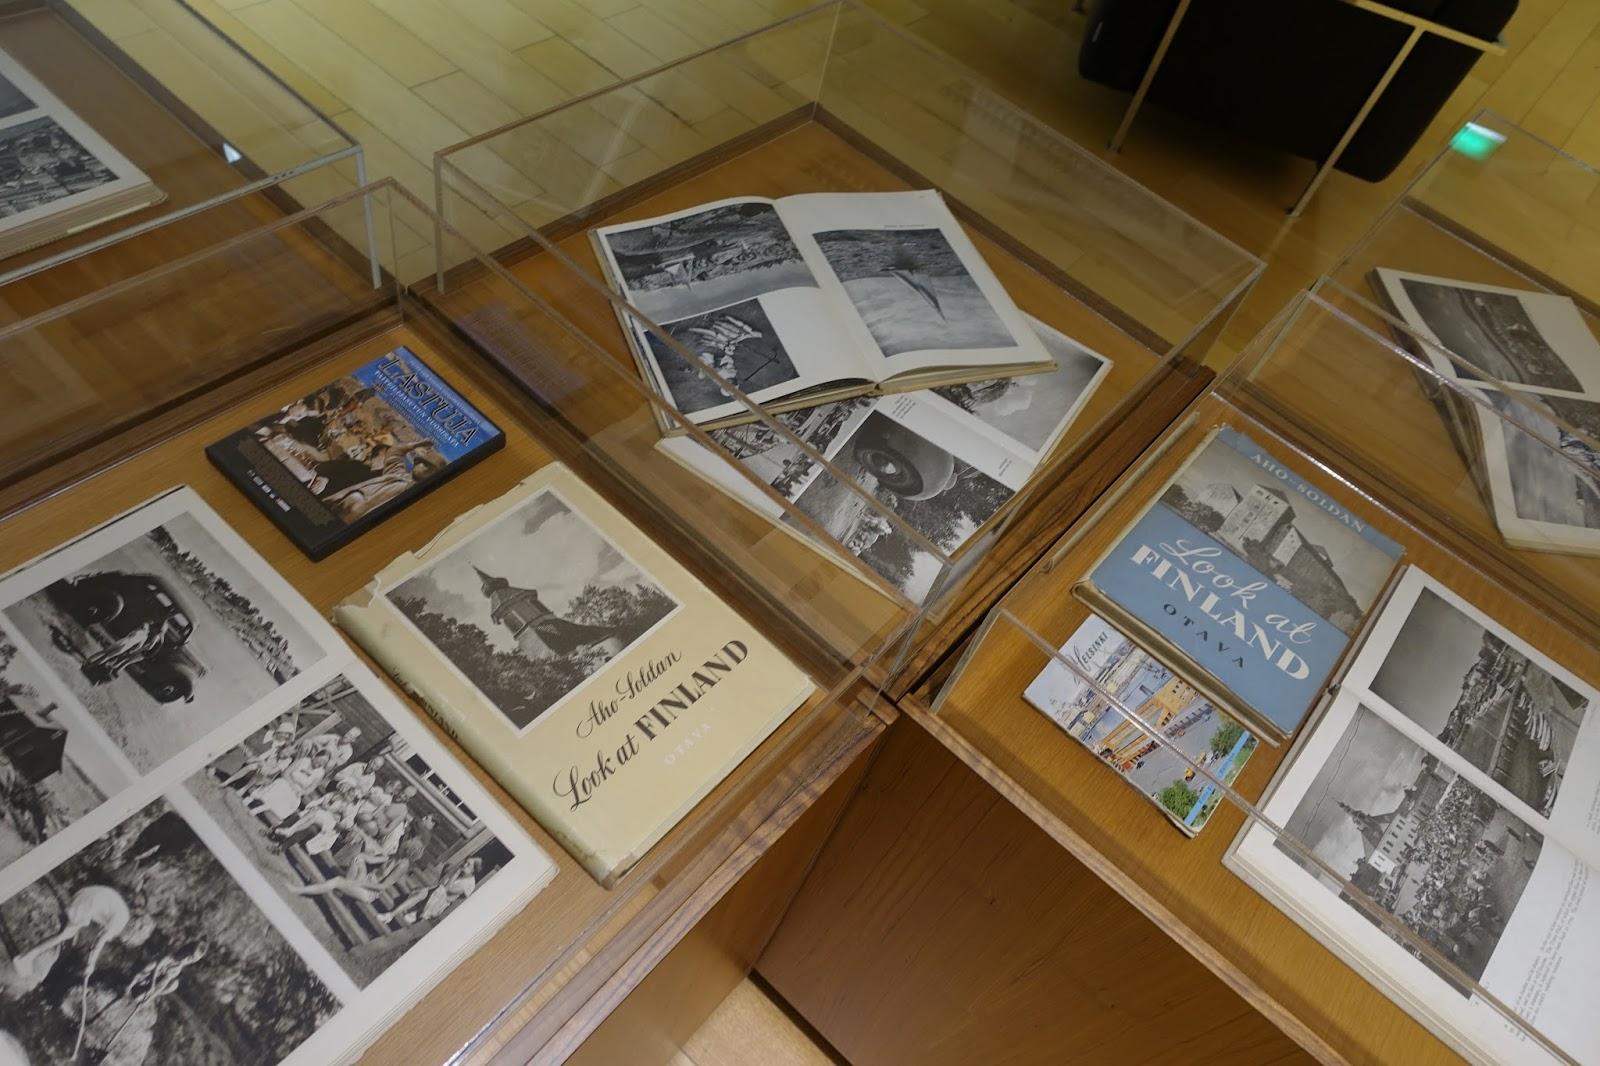 アカデミア書店(Akateeminen Kirjakauppa)